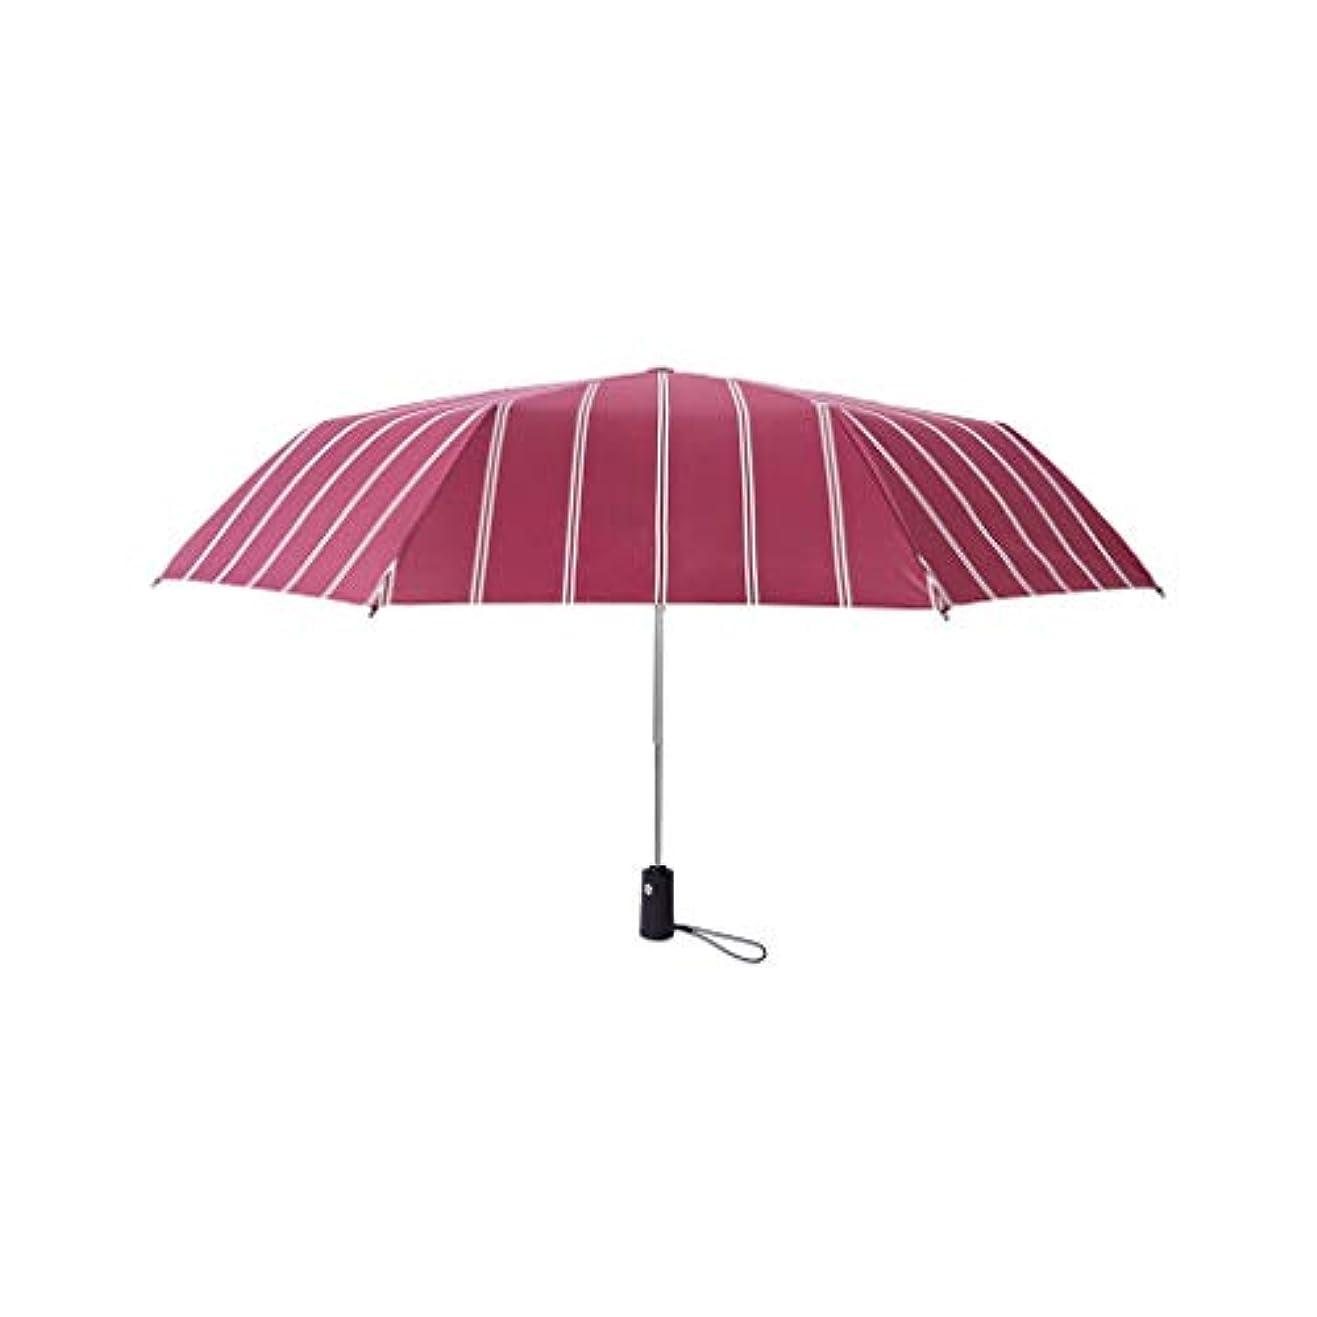 シンジケートあなたのもの素晴らしさPy 自動傘ストリップ傘日焼け止め雨兼用折りたたみ傘三つ折り傘